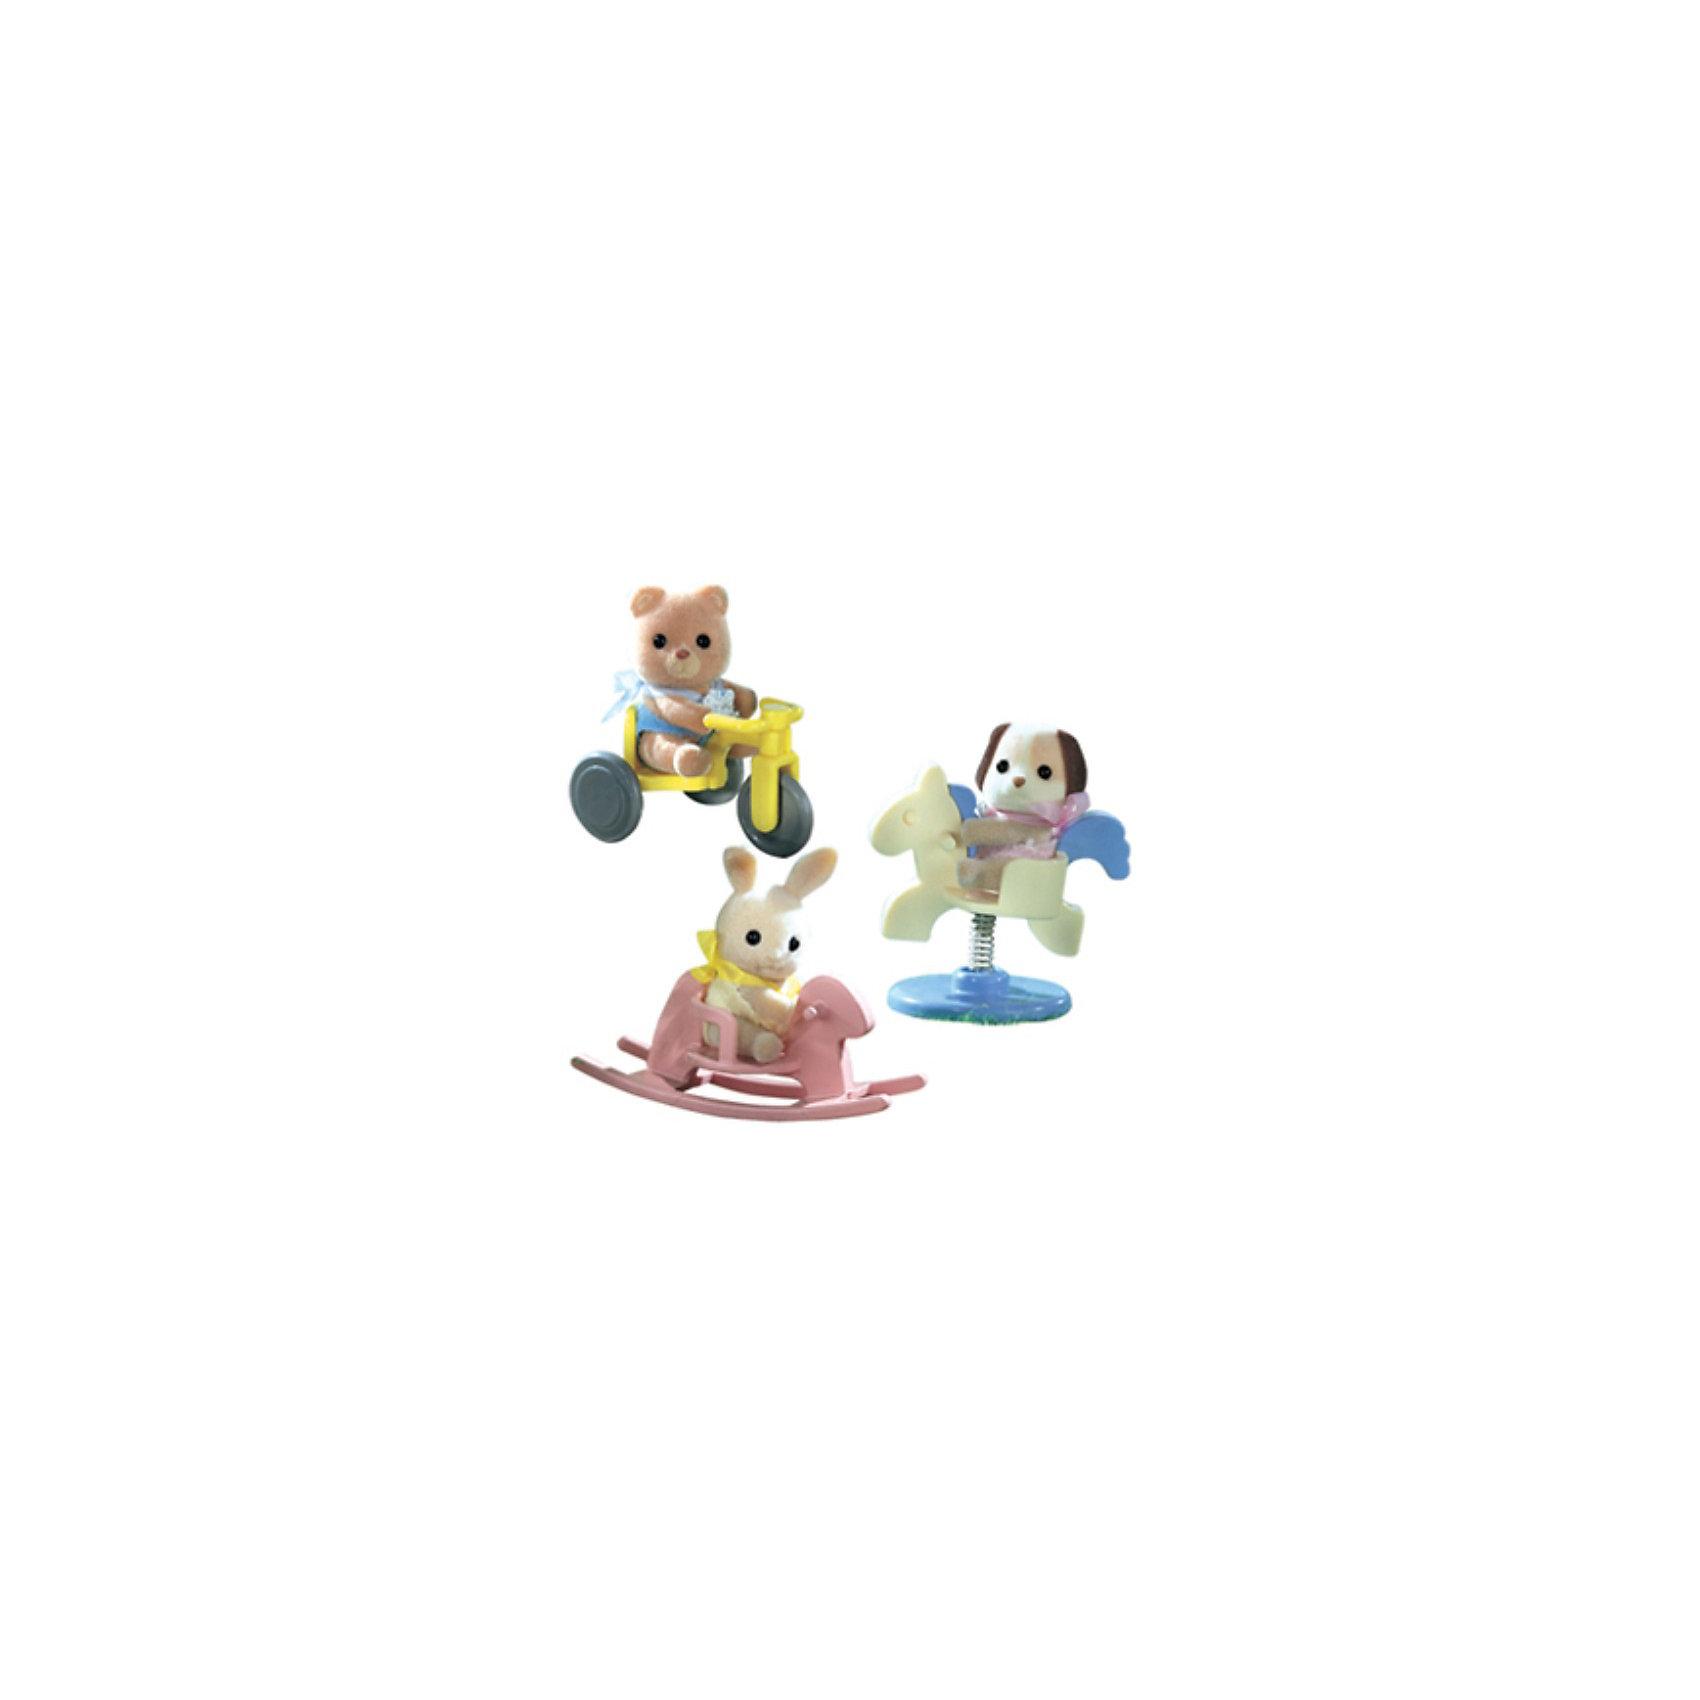 Набор #2 Младенец в пластиковом сундучке, Sylvanian Families, в ассортиментеНабор #2 Младенец в пластиковом сундучке, Sylvanian Families - игровой набор, который наверняка порадует Вашего ребенка.<br><br>Игрушка представляет собой пластиковый сундучок, в котором находится младенец (4-5см) с различными предметами. Игрушка представлена в ассортименте и возможно получение одного из следующих видов наборов:<br>- медвежонок на велосипеде<br>- собачка на качелях-лошадке<br>- крольчонок на качалке.<br><br>Дополнительная информация:<br><br>- В набор входит: фигурка зверюшки в пластиковом сундучке + аксессуар.<br>- Размеры фигурки - 4см <br>- Размеры коробки: 8х5х8 см<br>ВНИМАНИЕ! Данный товар представлен в ассортименте. К сожалению, предварительный выбор определенного вида товара невозможен. При заказе нескольких единиц данного товара, возможно получение одинаковых.<br><br>  Набор #2 Младенец в пластиковом сундучке, Sylvanian Families можно купить в нашем интернет магазине.<br><br>Ширина мм: 80<br>Глубина мм: 80<br>Высота мм: 60<br>Вес г: 123<br>Возраст от месяцев: 36<br>Возраст до месяцев: 144<br>Пол: Женский<br>Возраст: Детский<br>SKU: 3345301